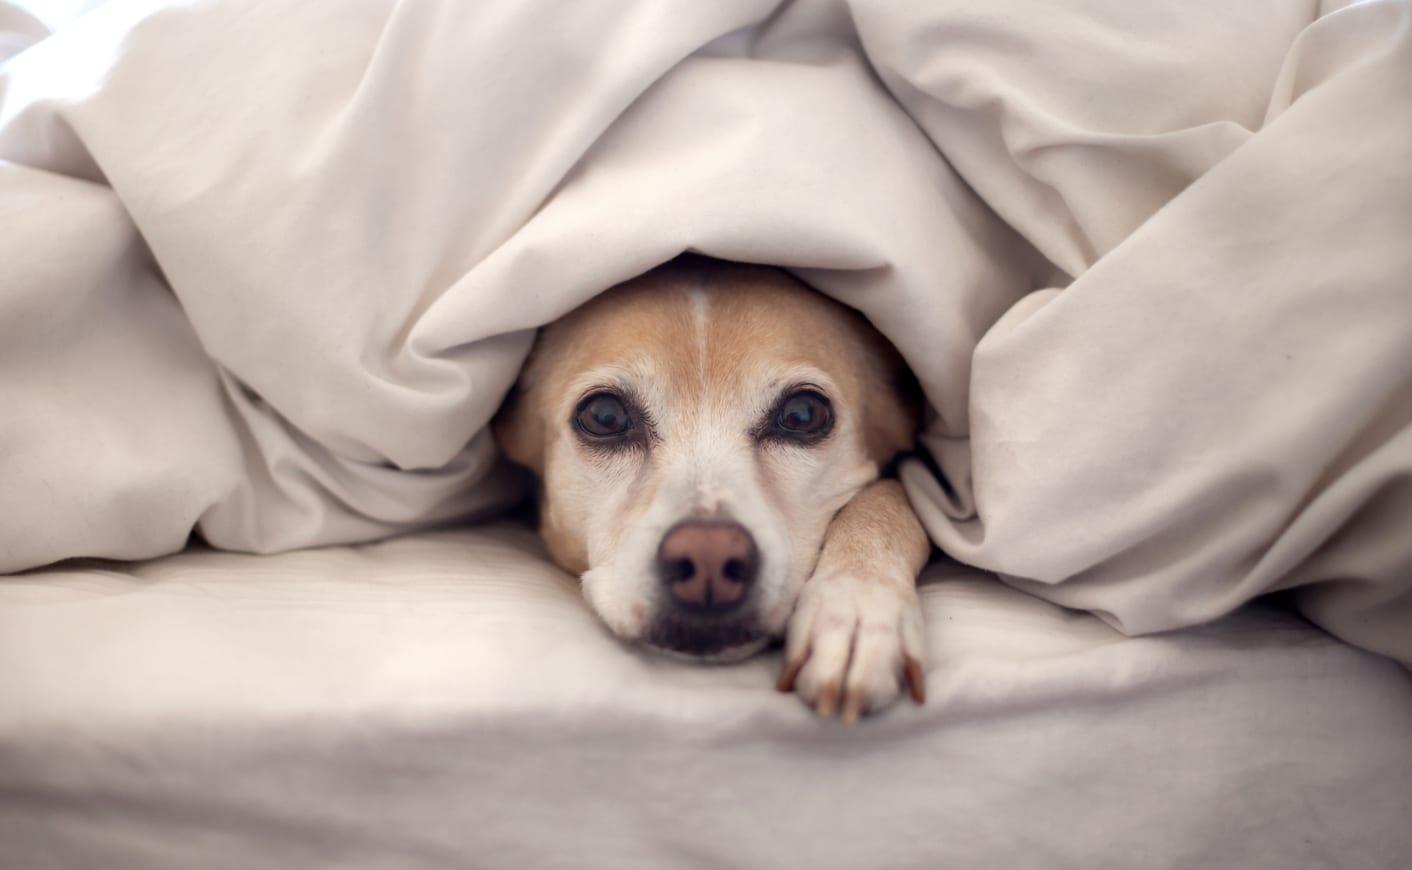 Szabad-e a kutyával aludni